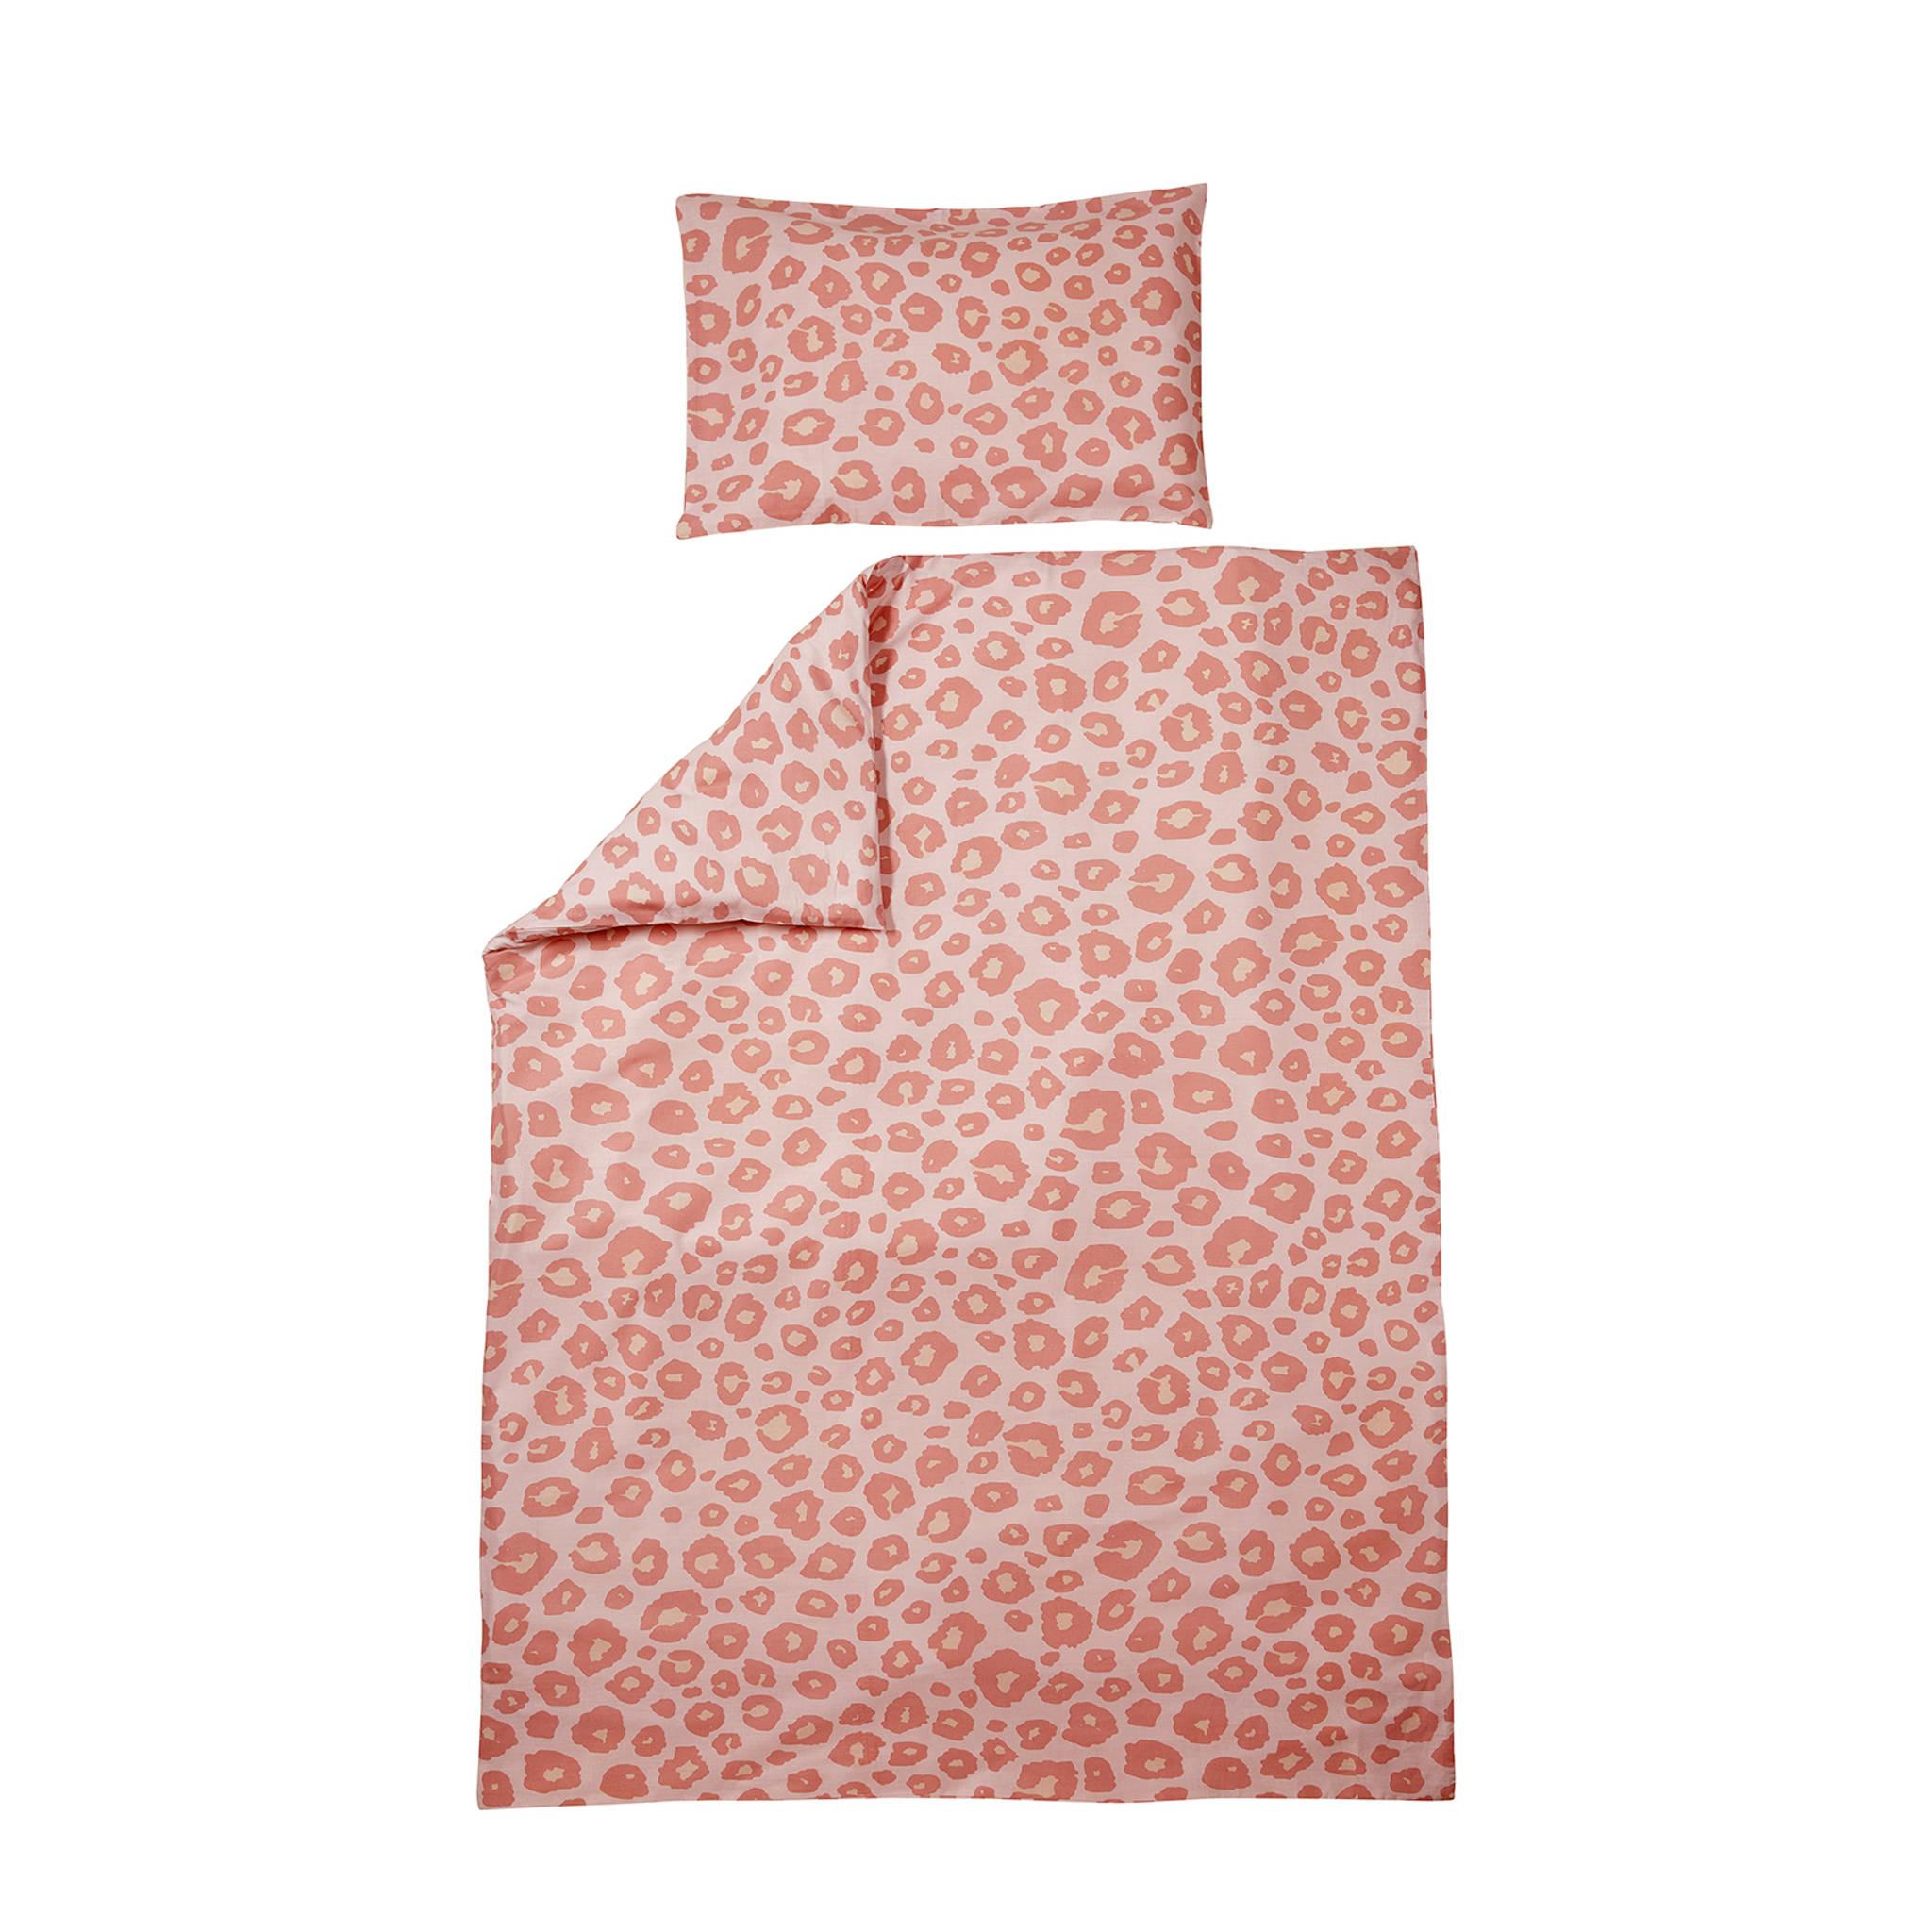 Meyco katoenen Panter dekbedovertrek junior bed 120x150 cm roze